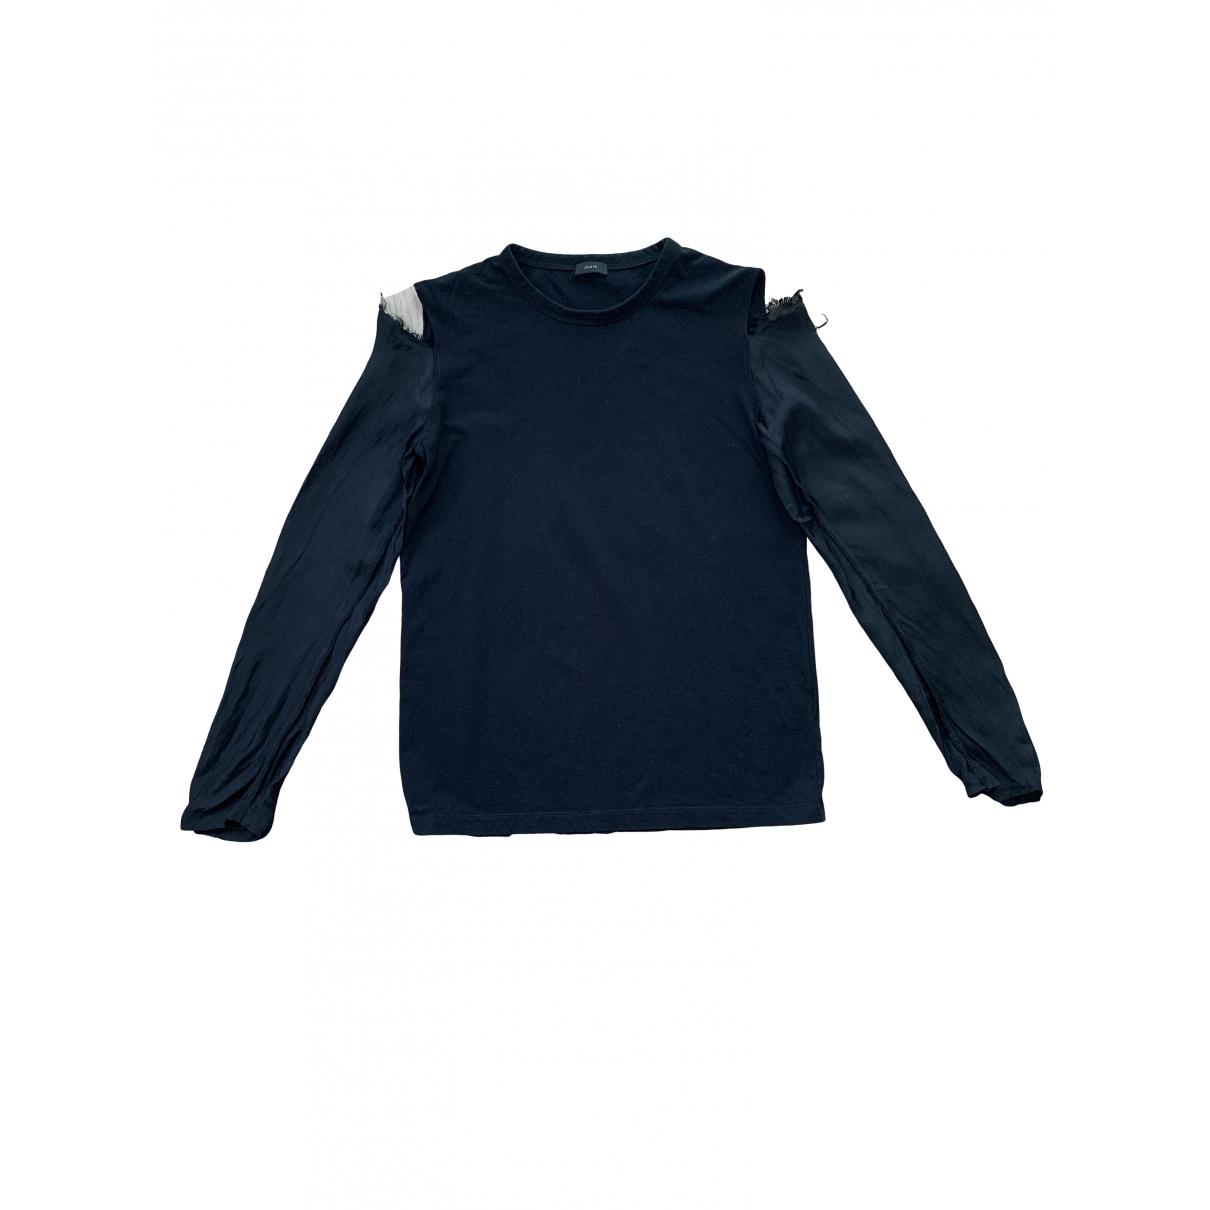 Joseph - Top   pour femme en coton - noir